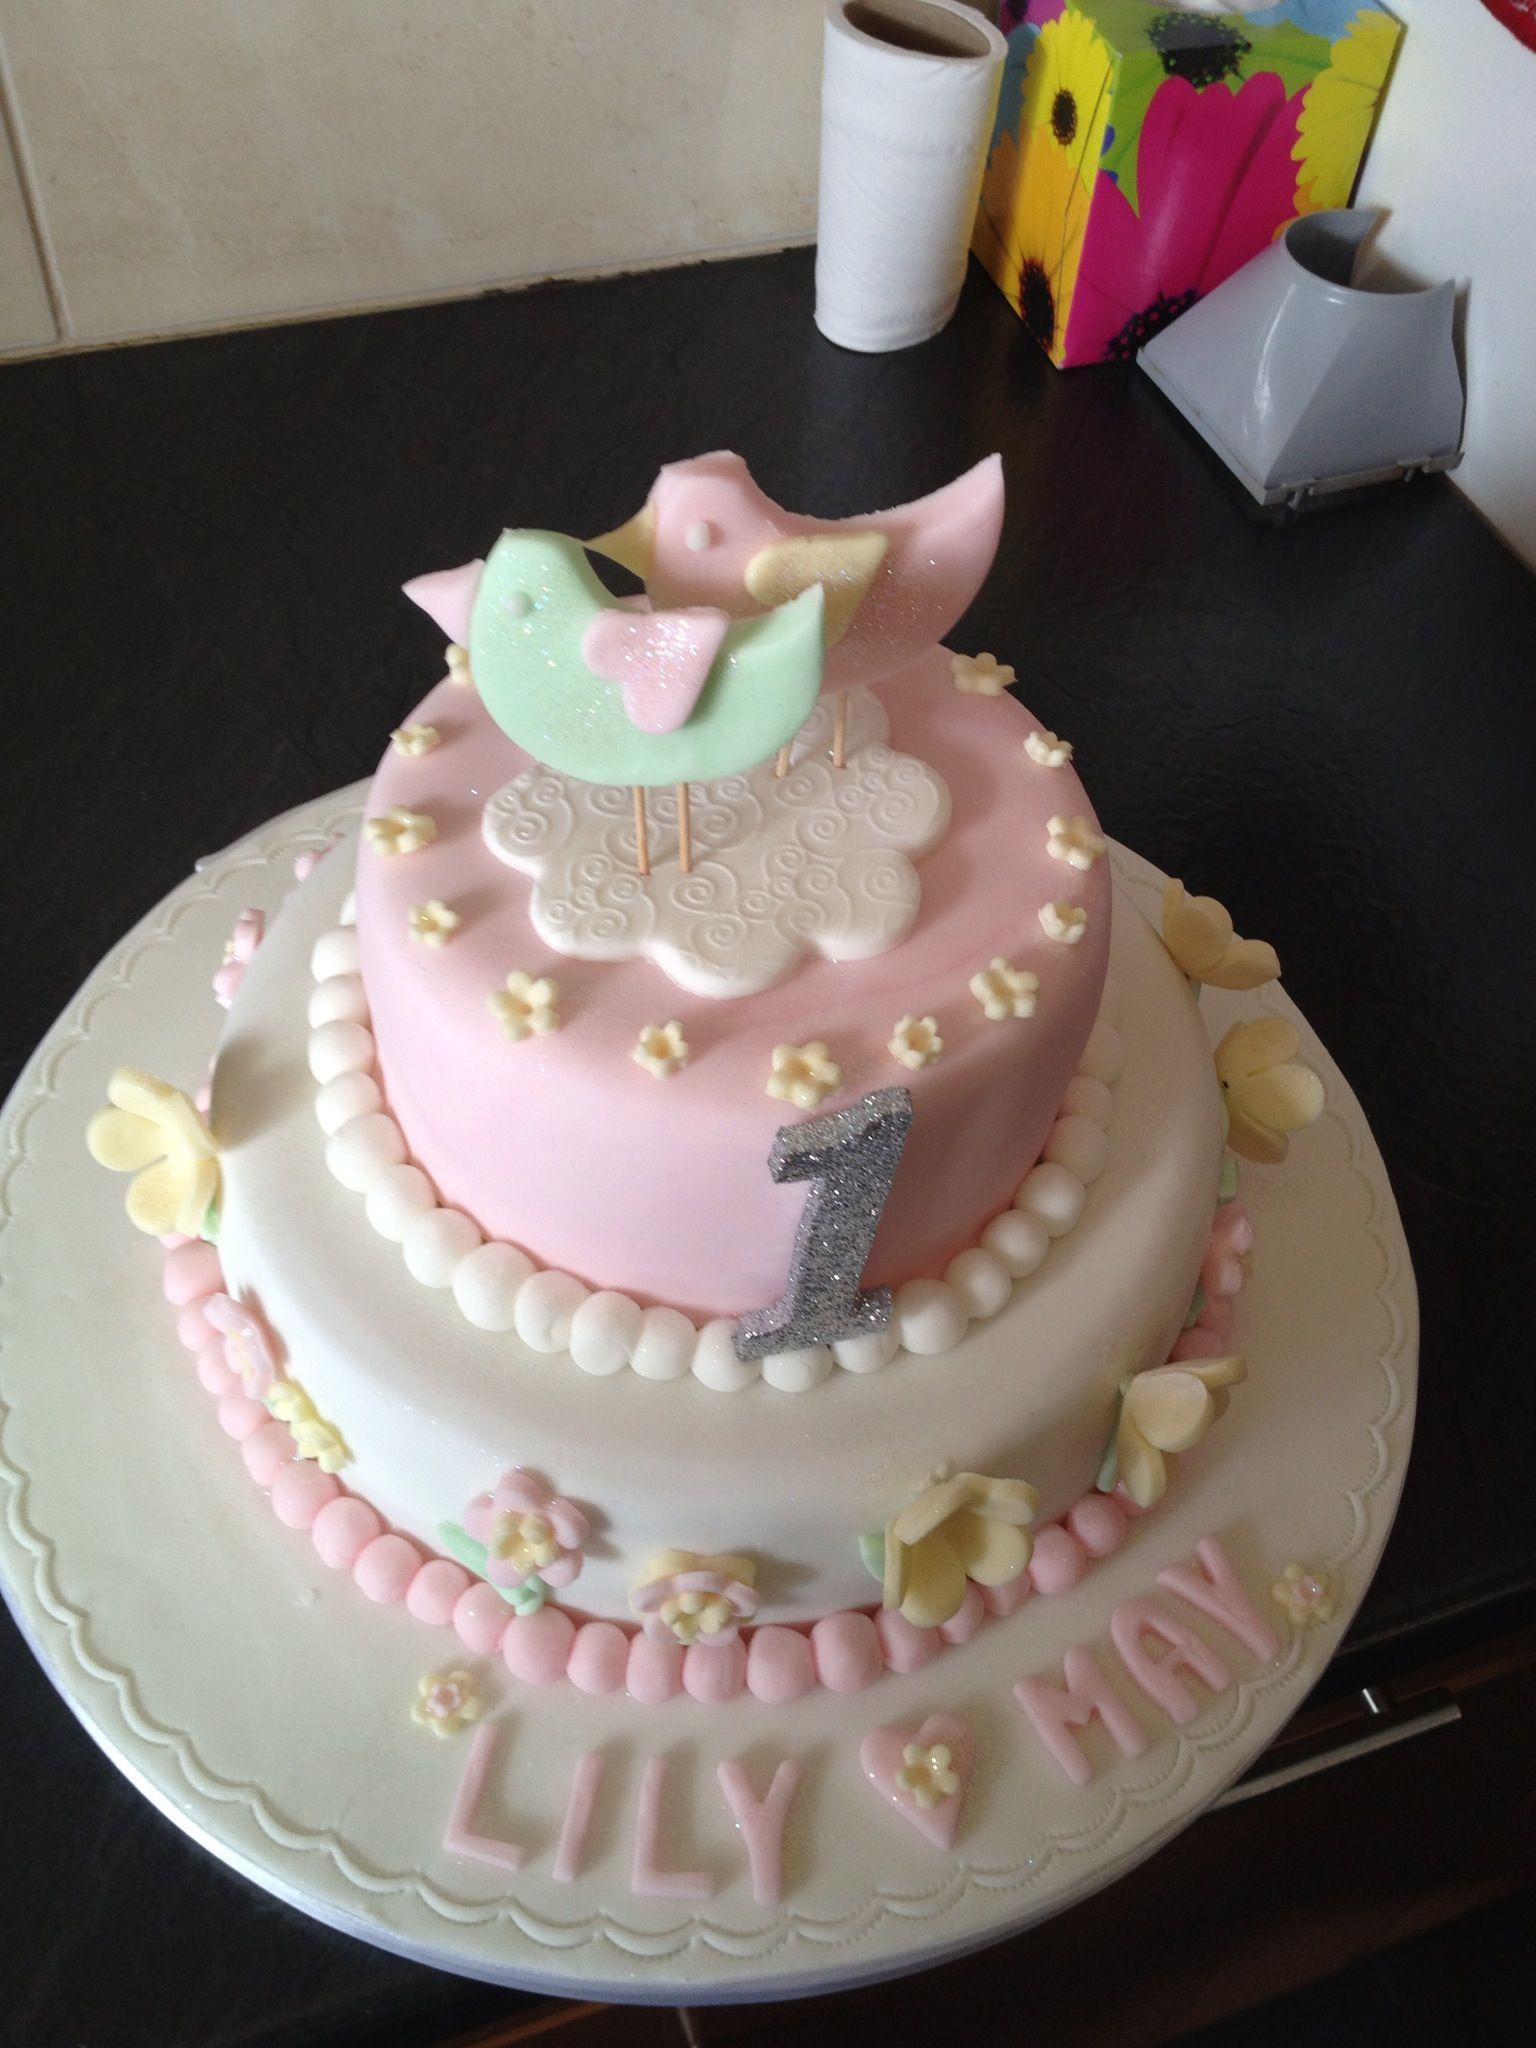 1st Birthday Cake The Bluebell Bakery The Bluebell Bakery